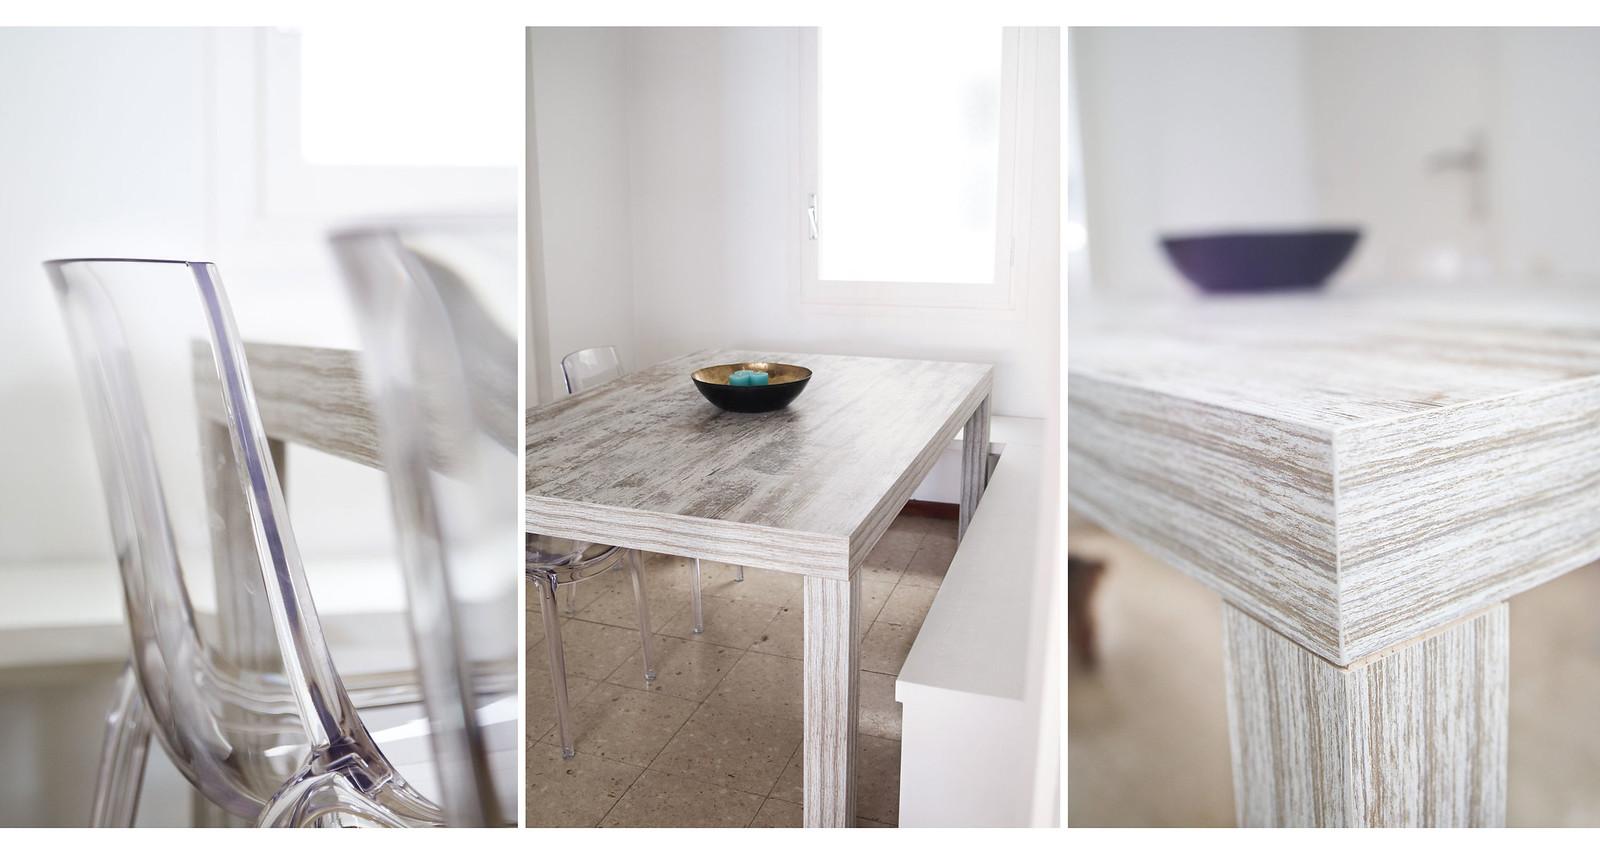 06_decowood_mesa_a_medida_en_barcelona_theguestgirl_decoracion_casa_minimal_decoracion_nordica_calidad